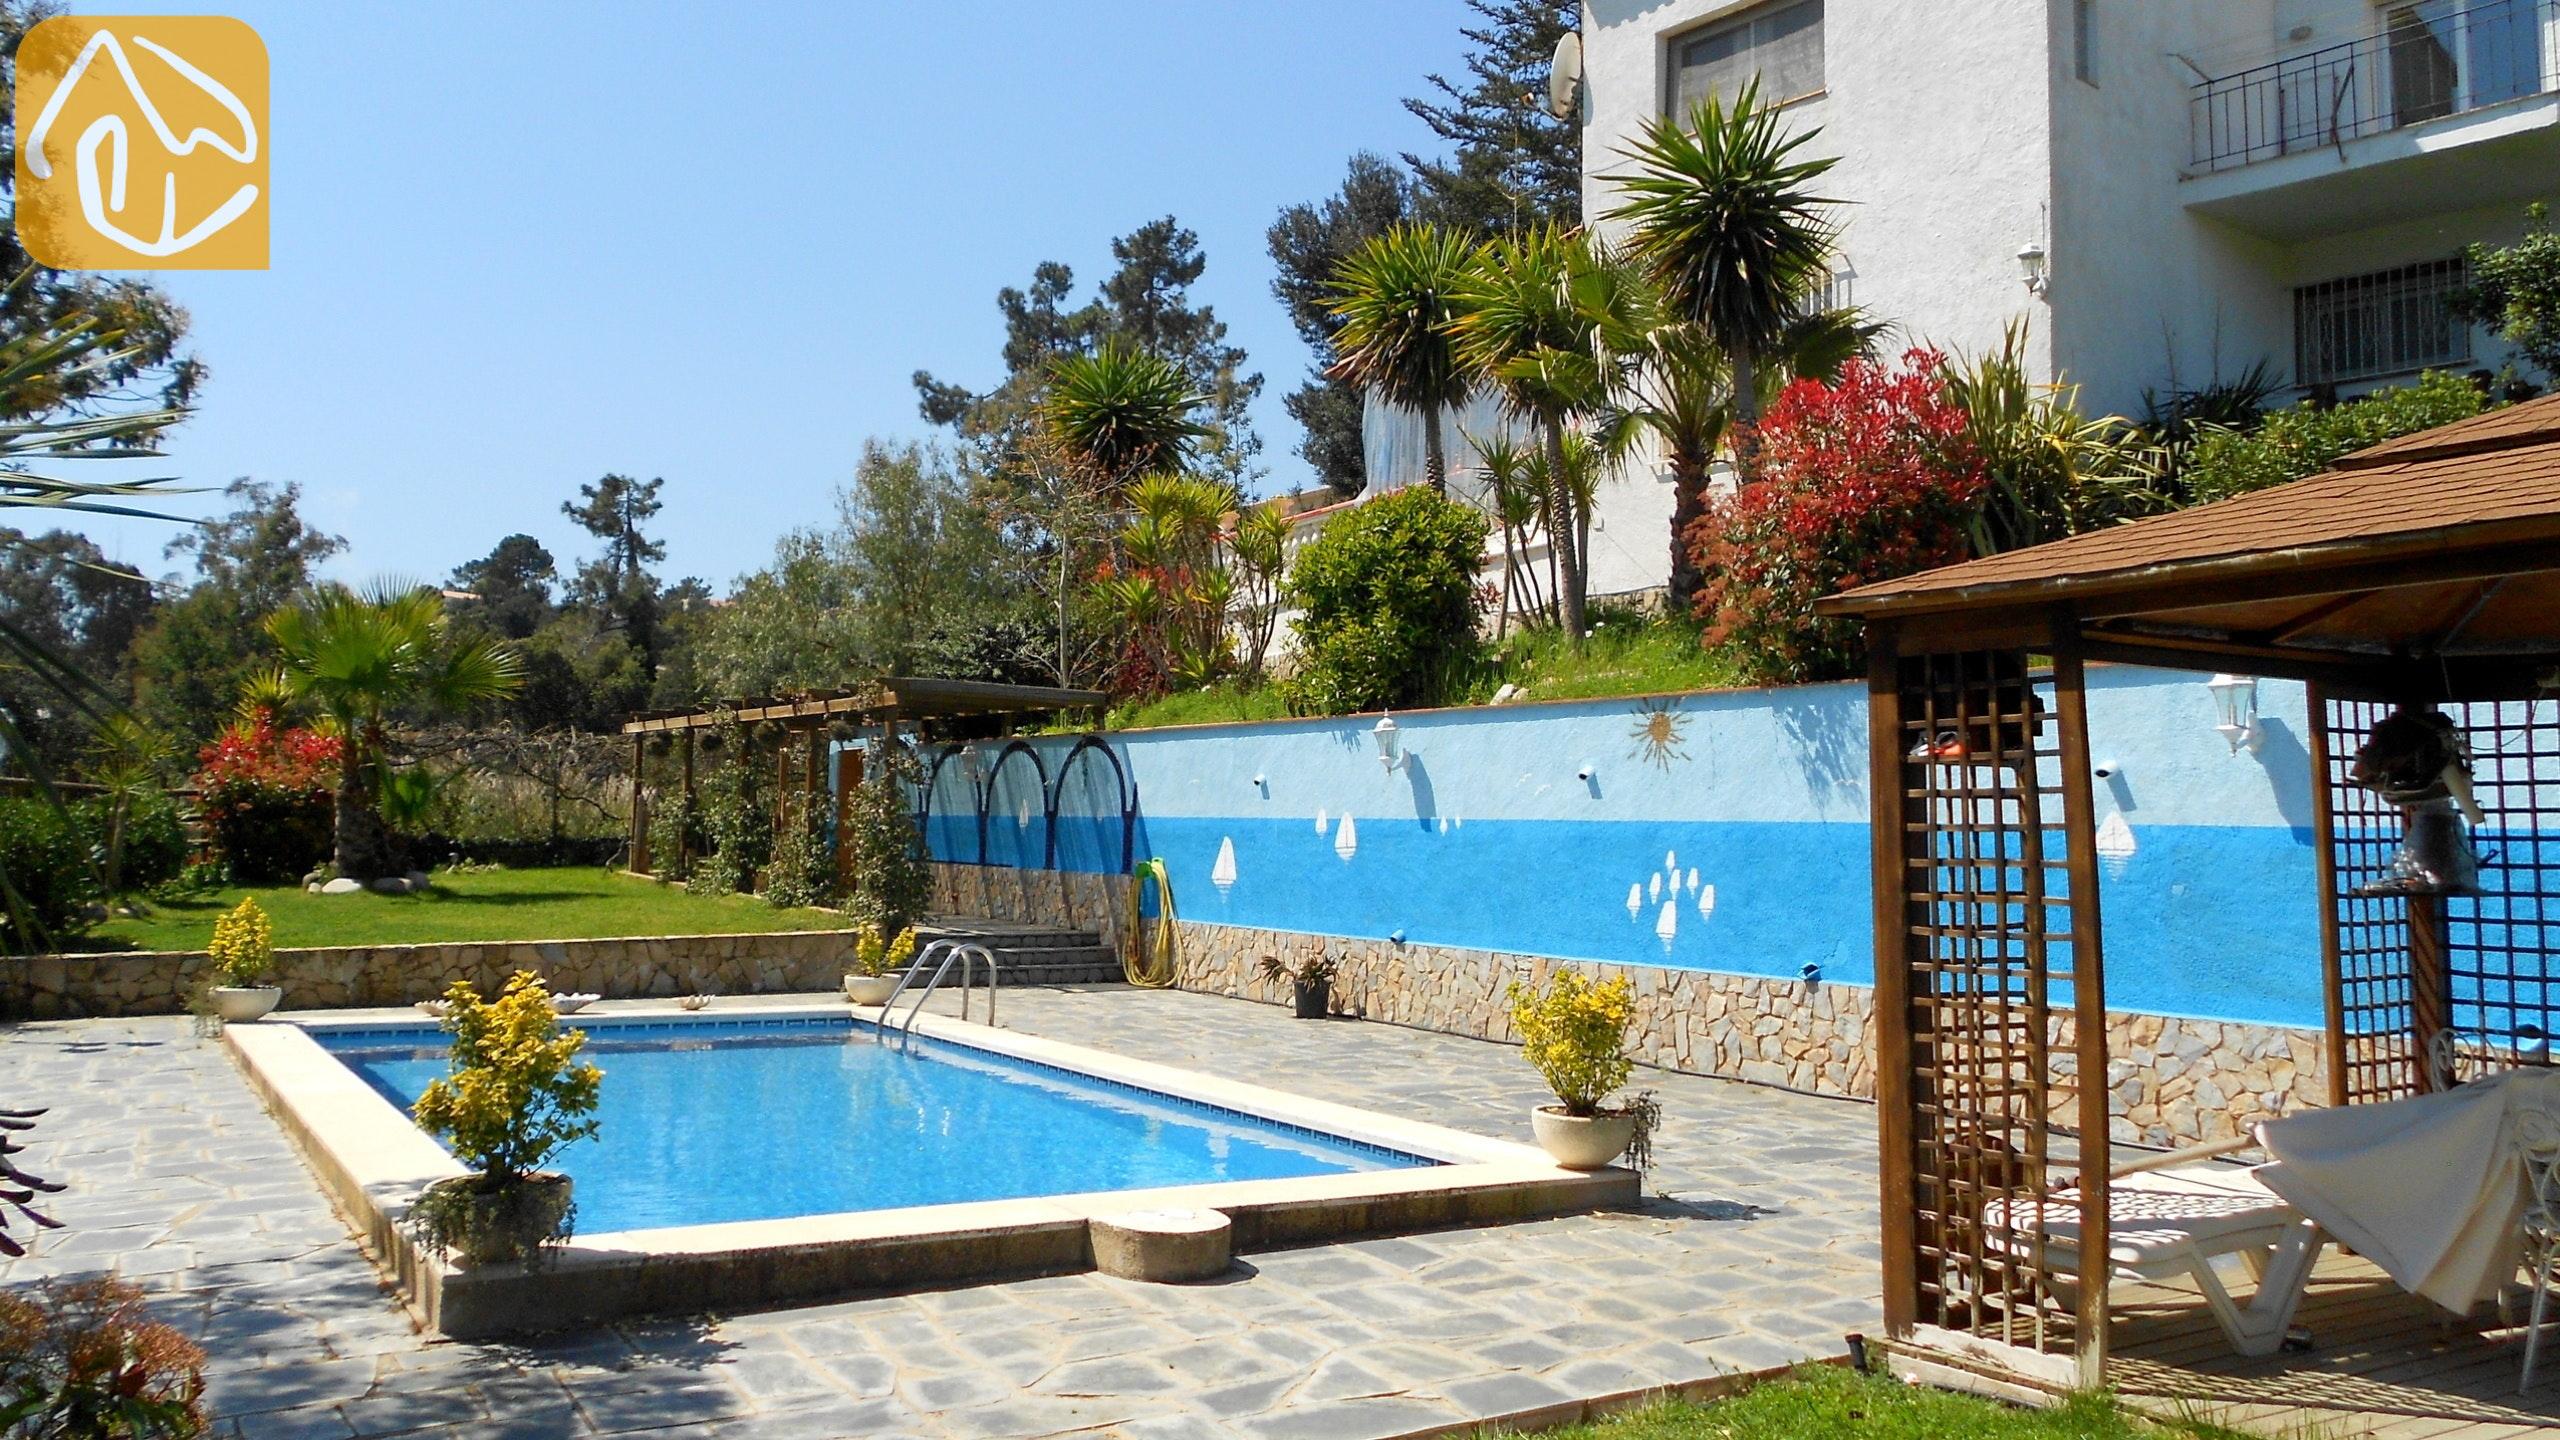 Ferienhäuser Costa Brava Spanien   Villa Magnolia   Schwimmbad